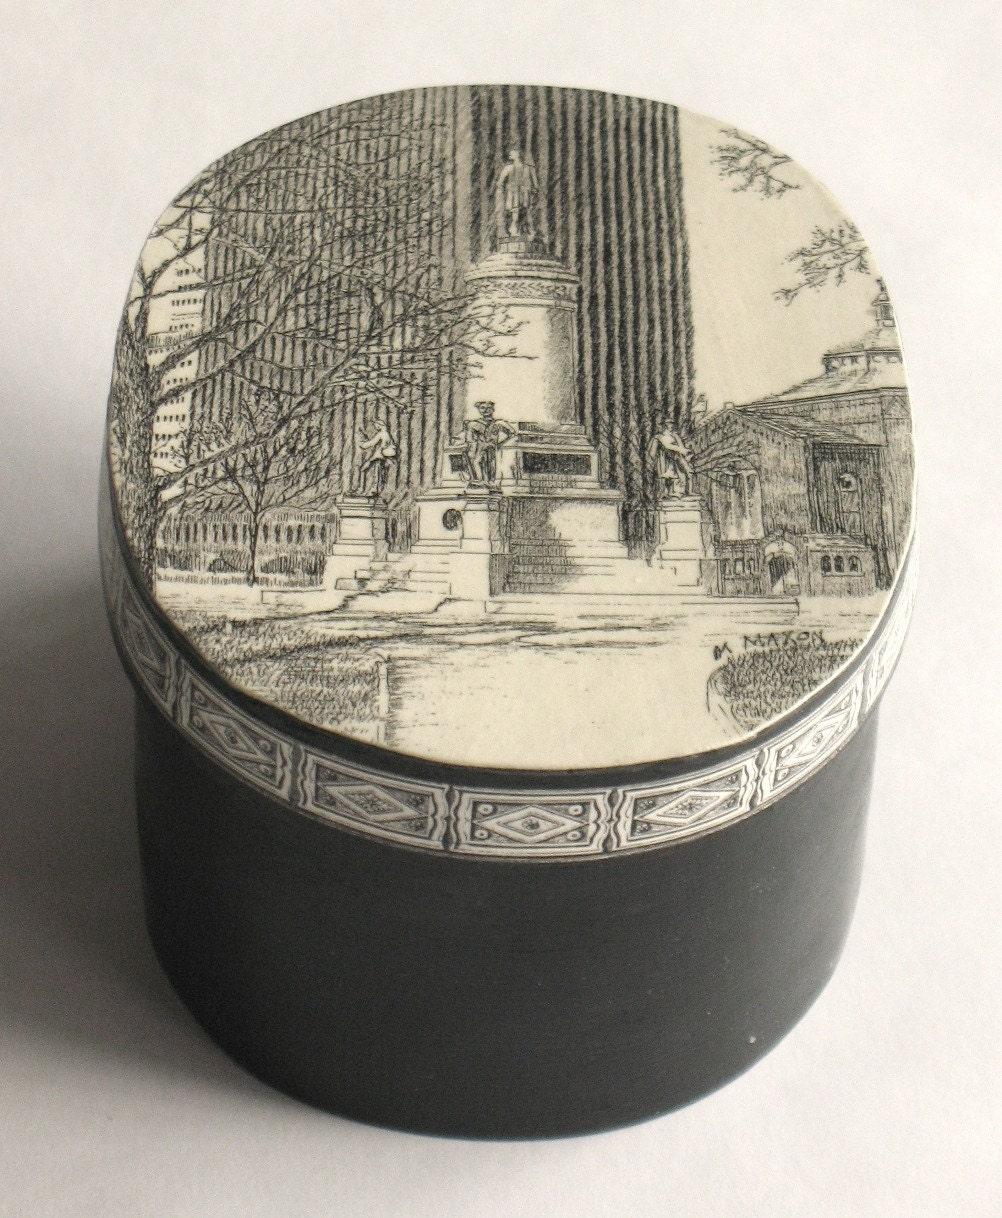 Подарок в Вашингтон-сквер, Рочестер, Нью-Йорк, деревянный ящик